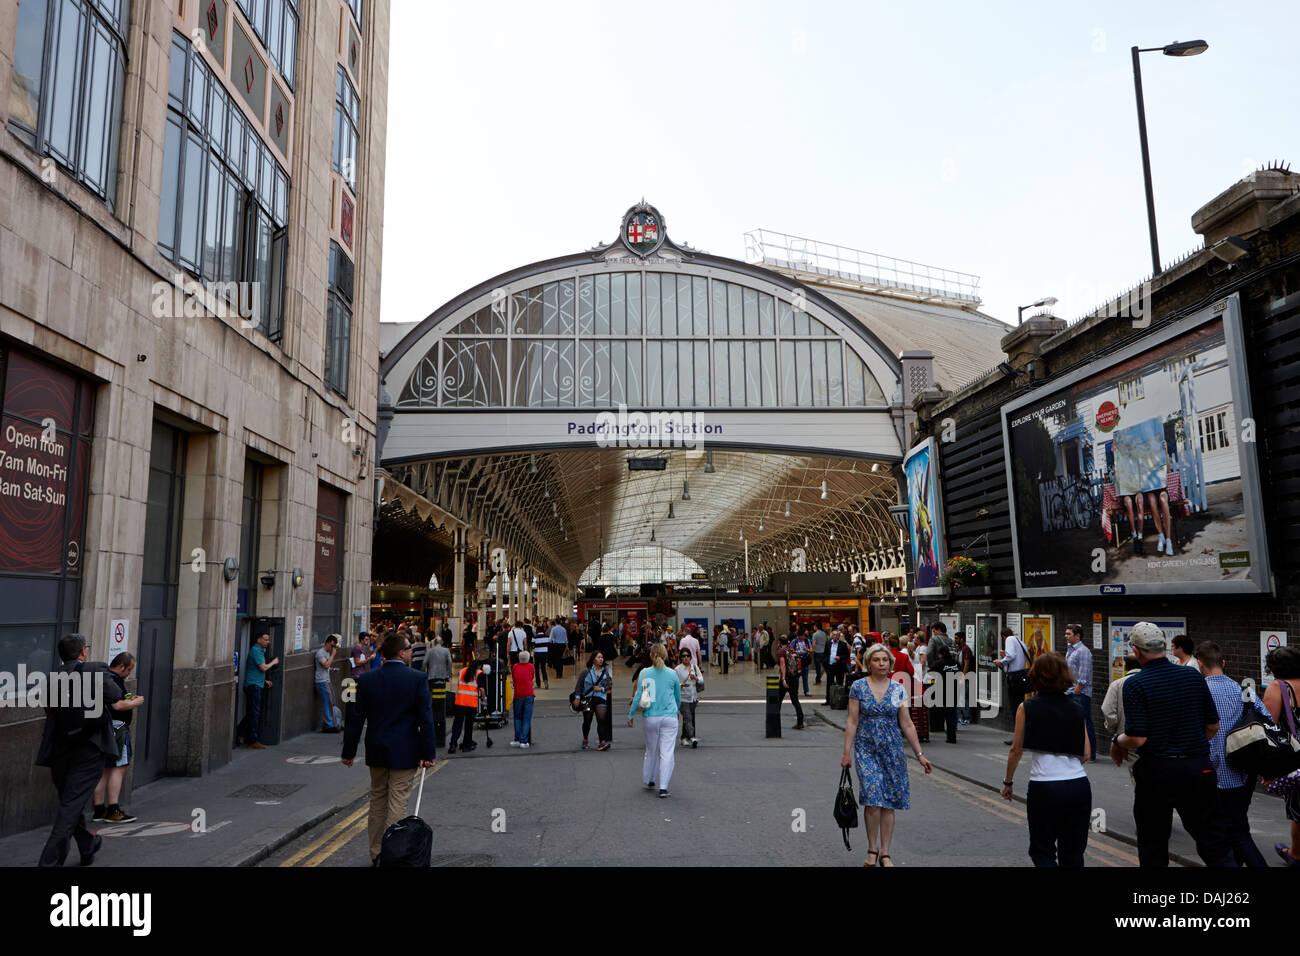 paddington overground national rail train station london, england uk - Stock Image